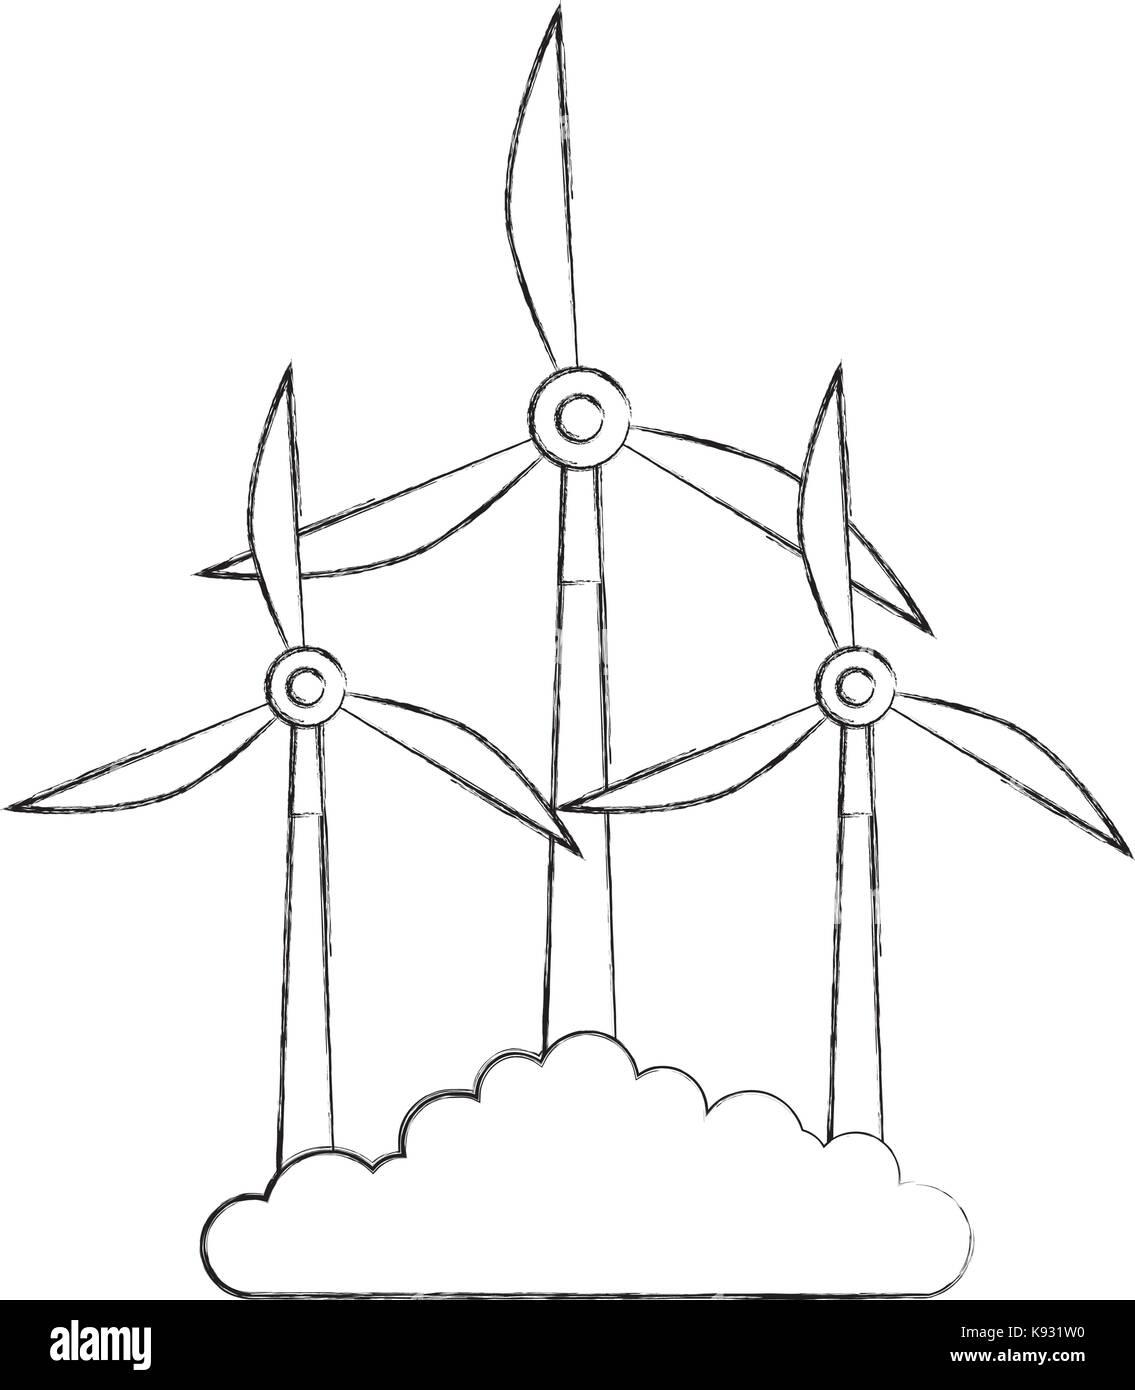 D'autres sources d'énergie renouvelables d'éoliennes Photo Stock